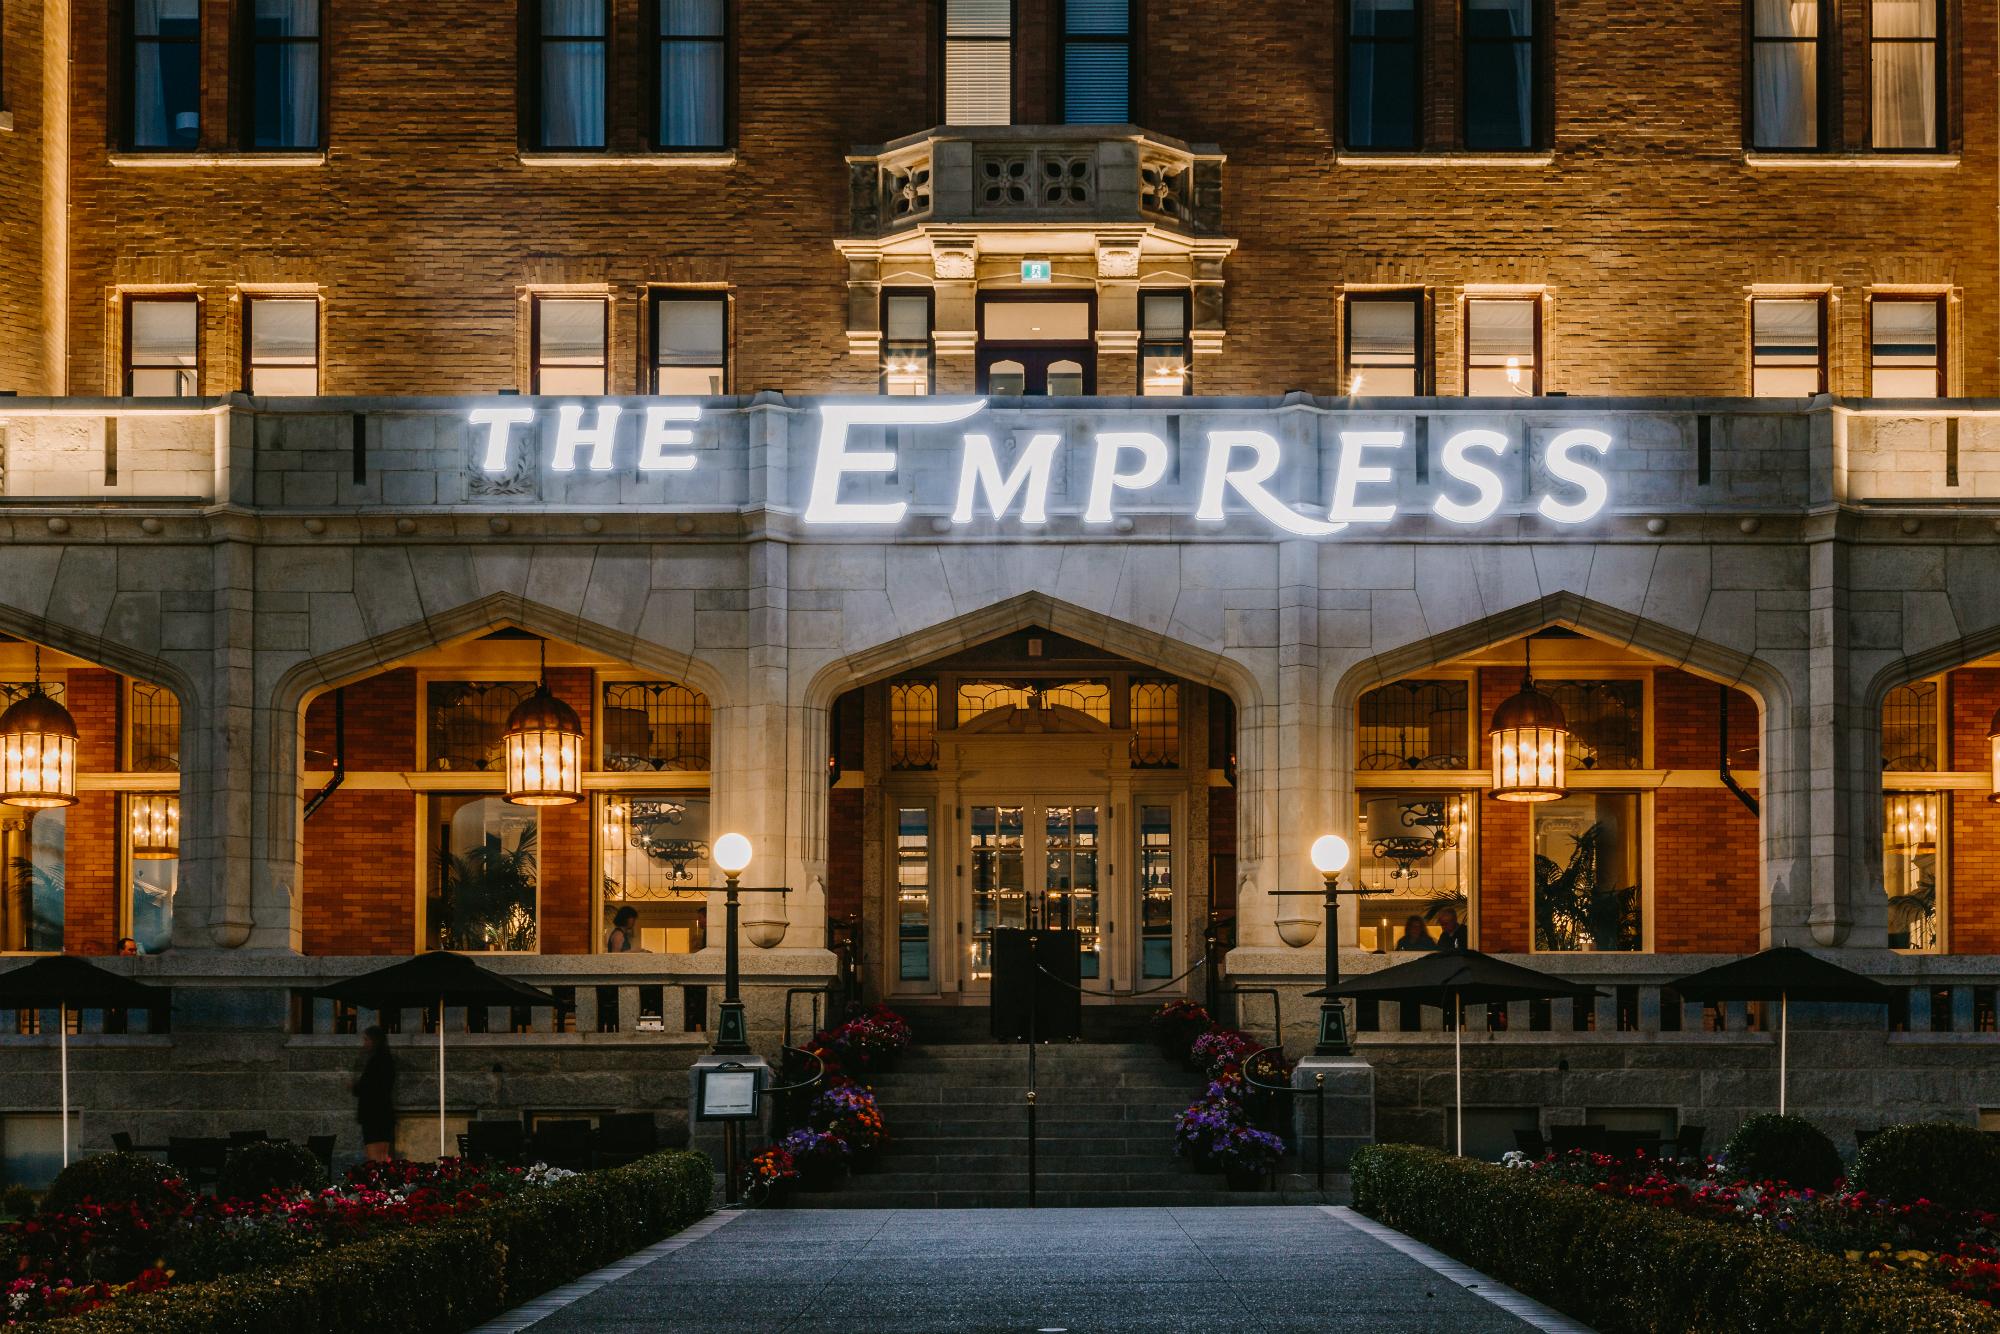 JonMarkPhotography-KnightSigns-EmpressHotel-1008 v2.jpg